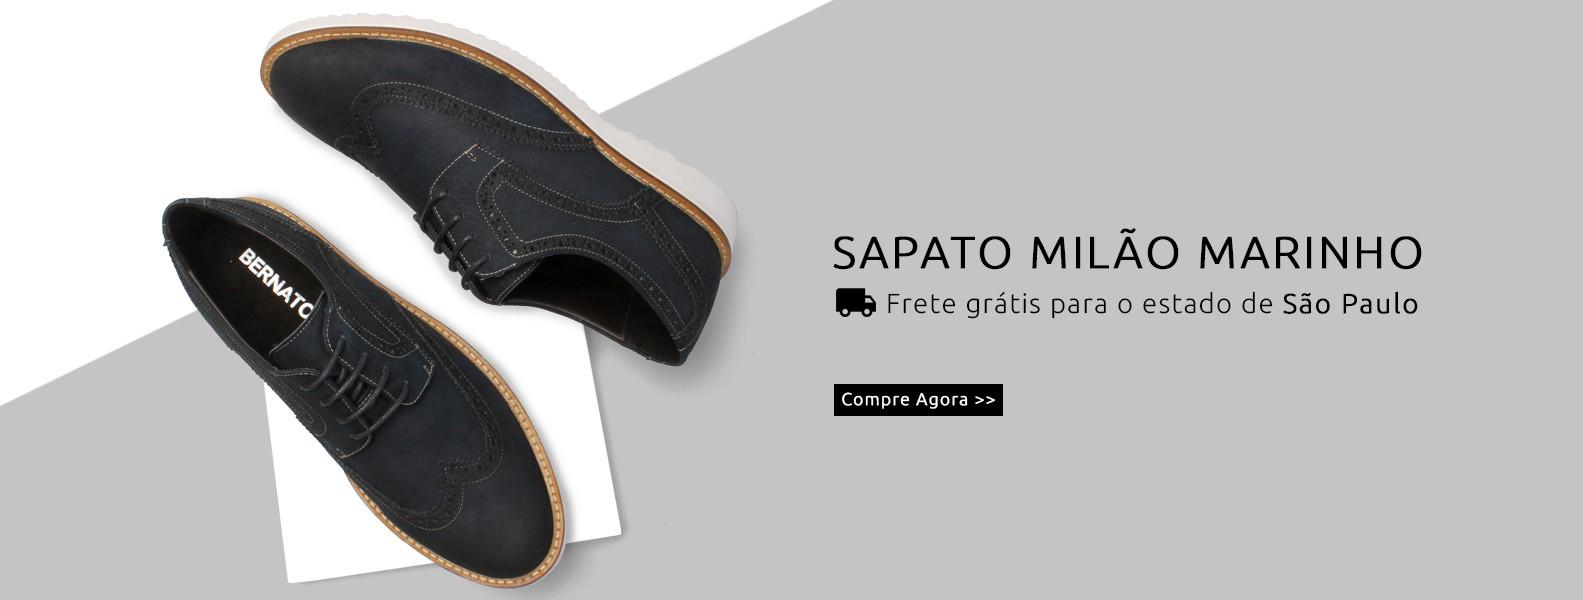 Sapato Milão Marinho - Bernatoni Calçados